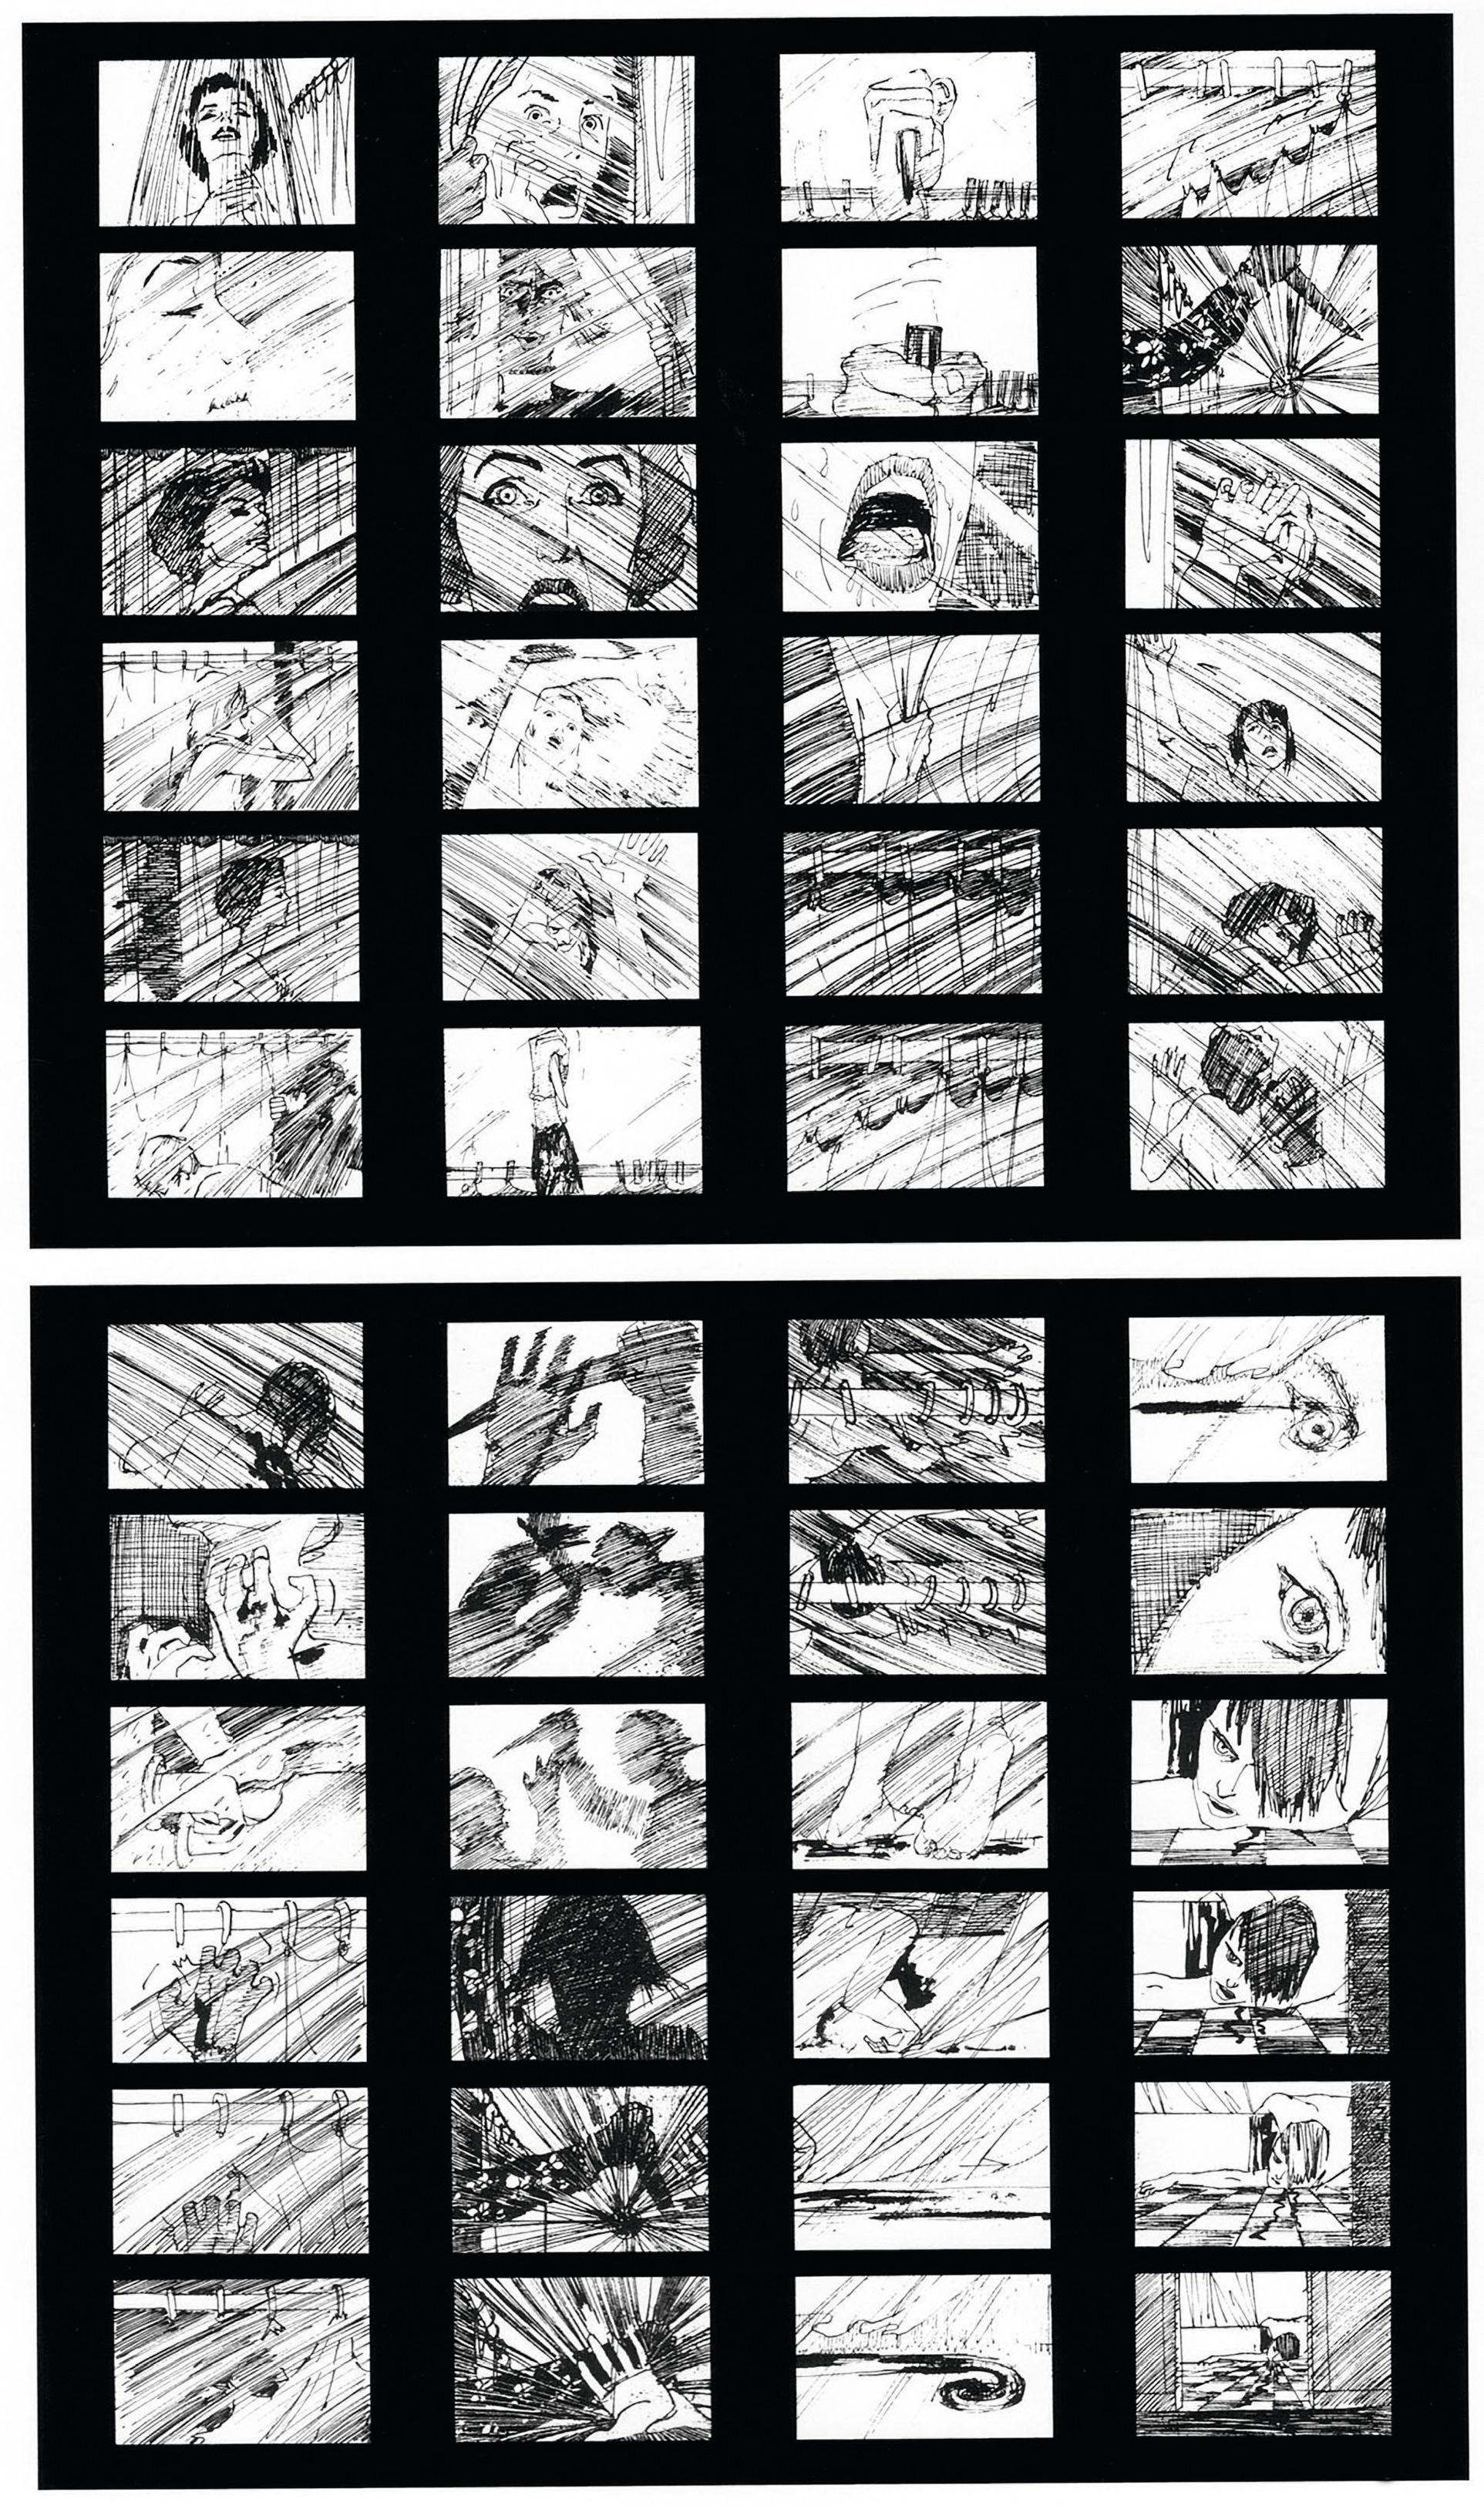 Psychose, réalisé par Alfred Hitchcock, storyboard de Saul Bass, 1960.